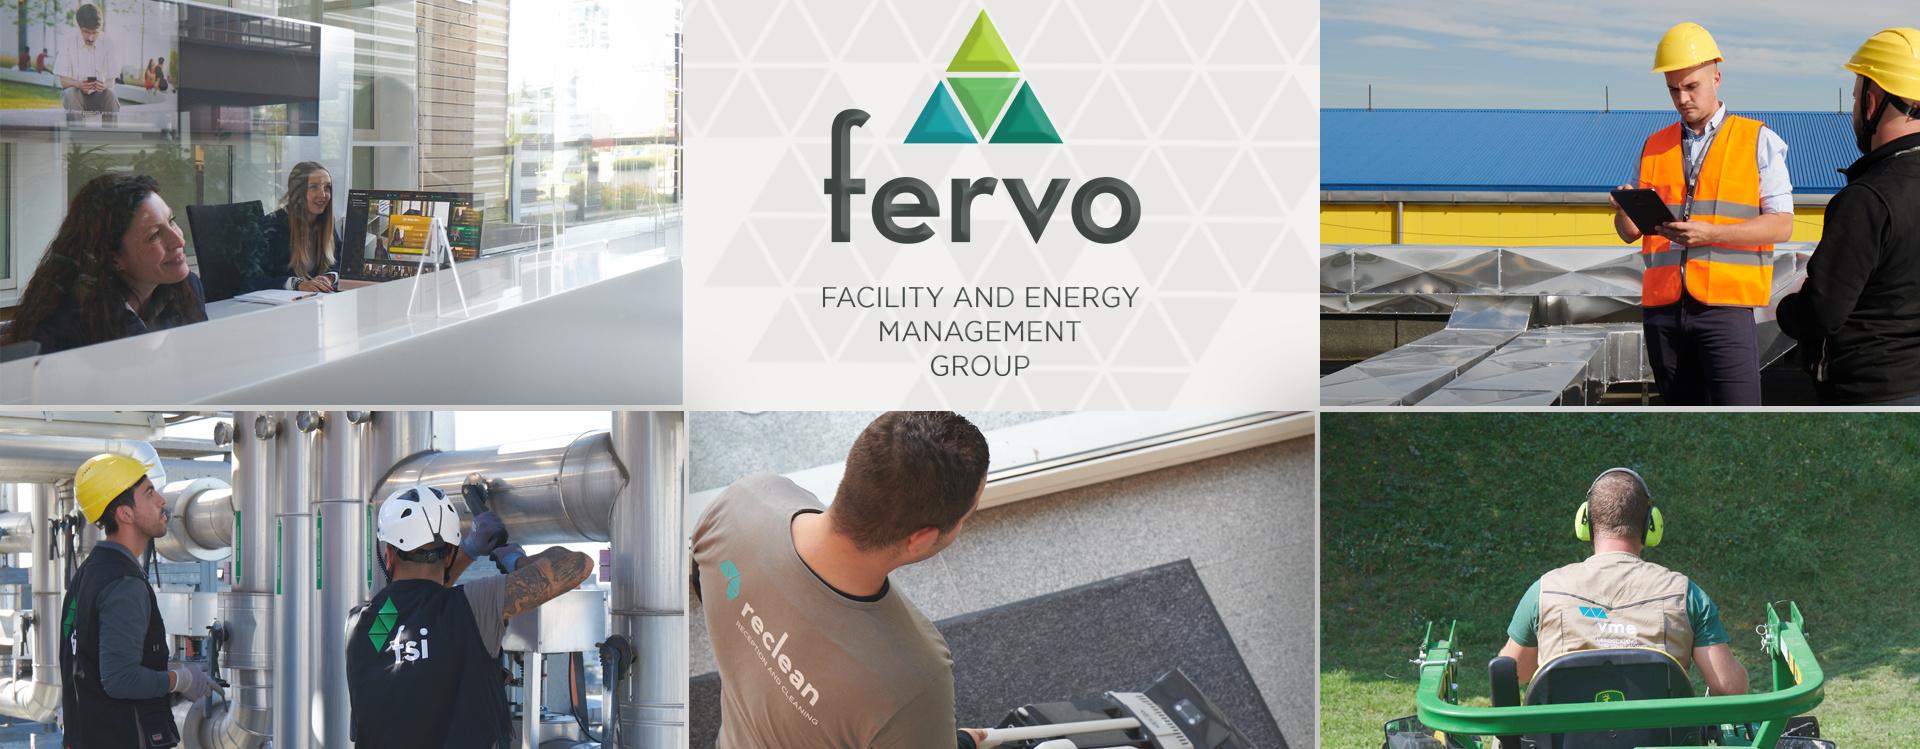 Gruppo Fervo - Gold Sponsor